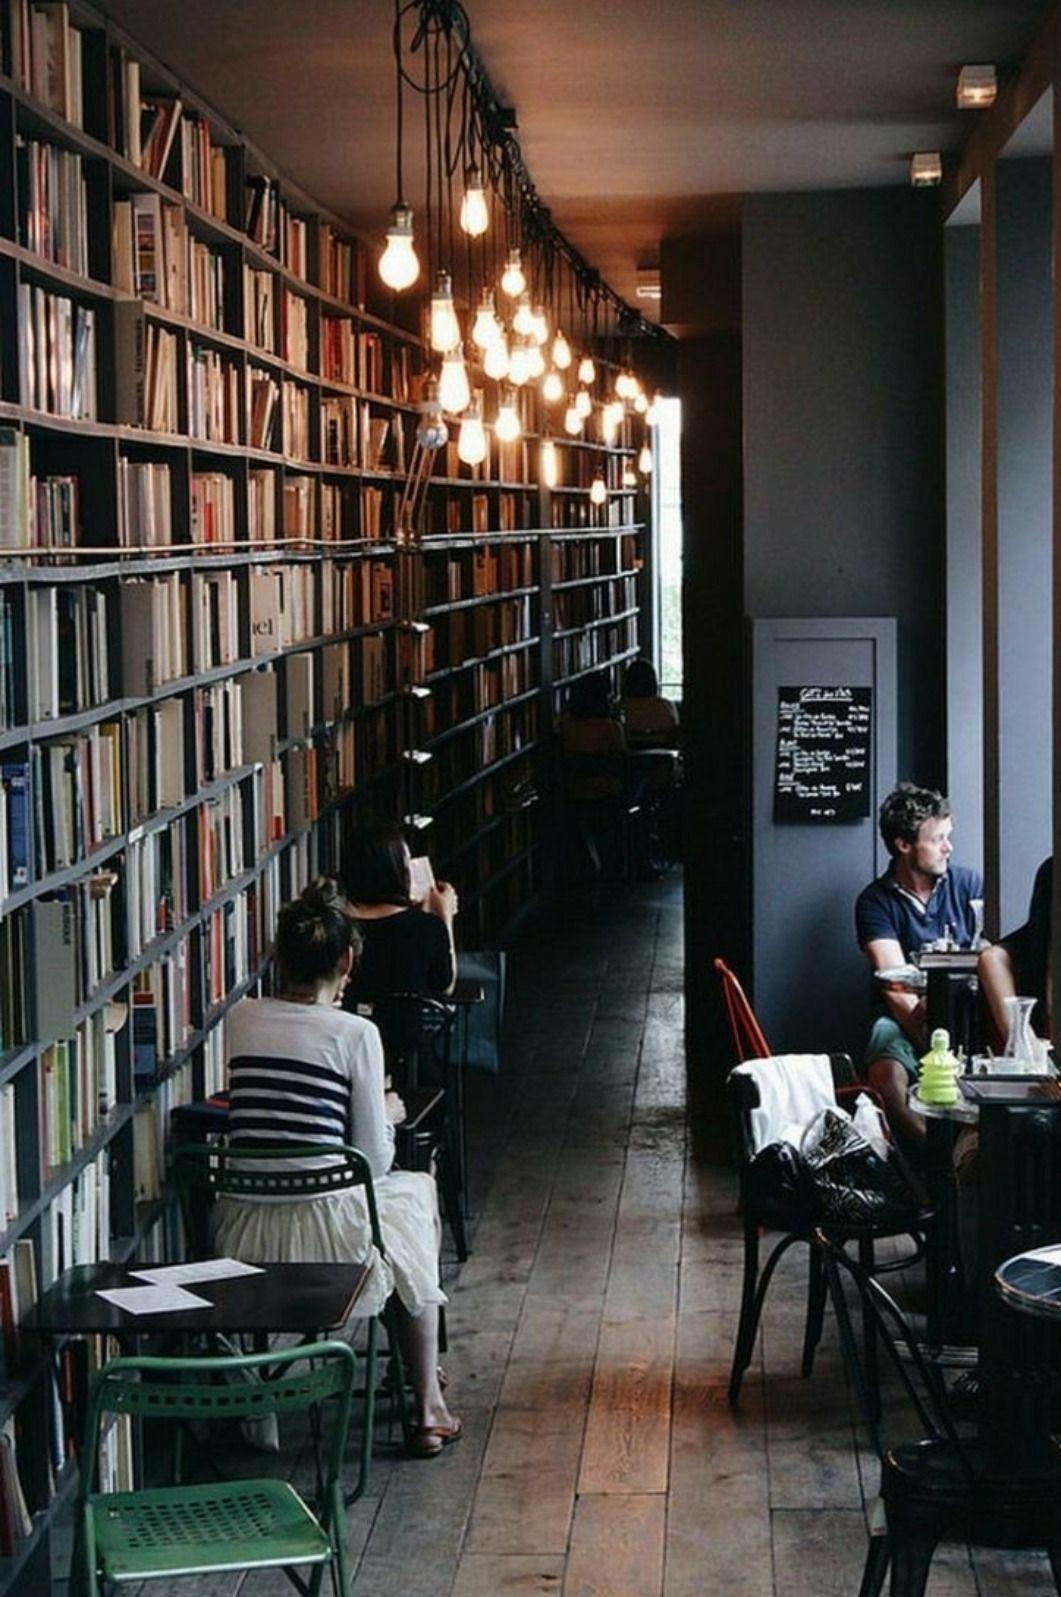 Otro De Los Espacios Que Debe Tener Sombra Cafe Sera Algo Asi Un Sitio Agradable Y Bonito Donde Poder T Cozy Coffee Shop Coffee Shops Interior Bookstore Cafe